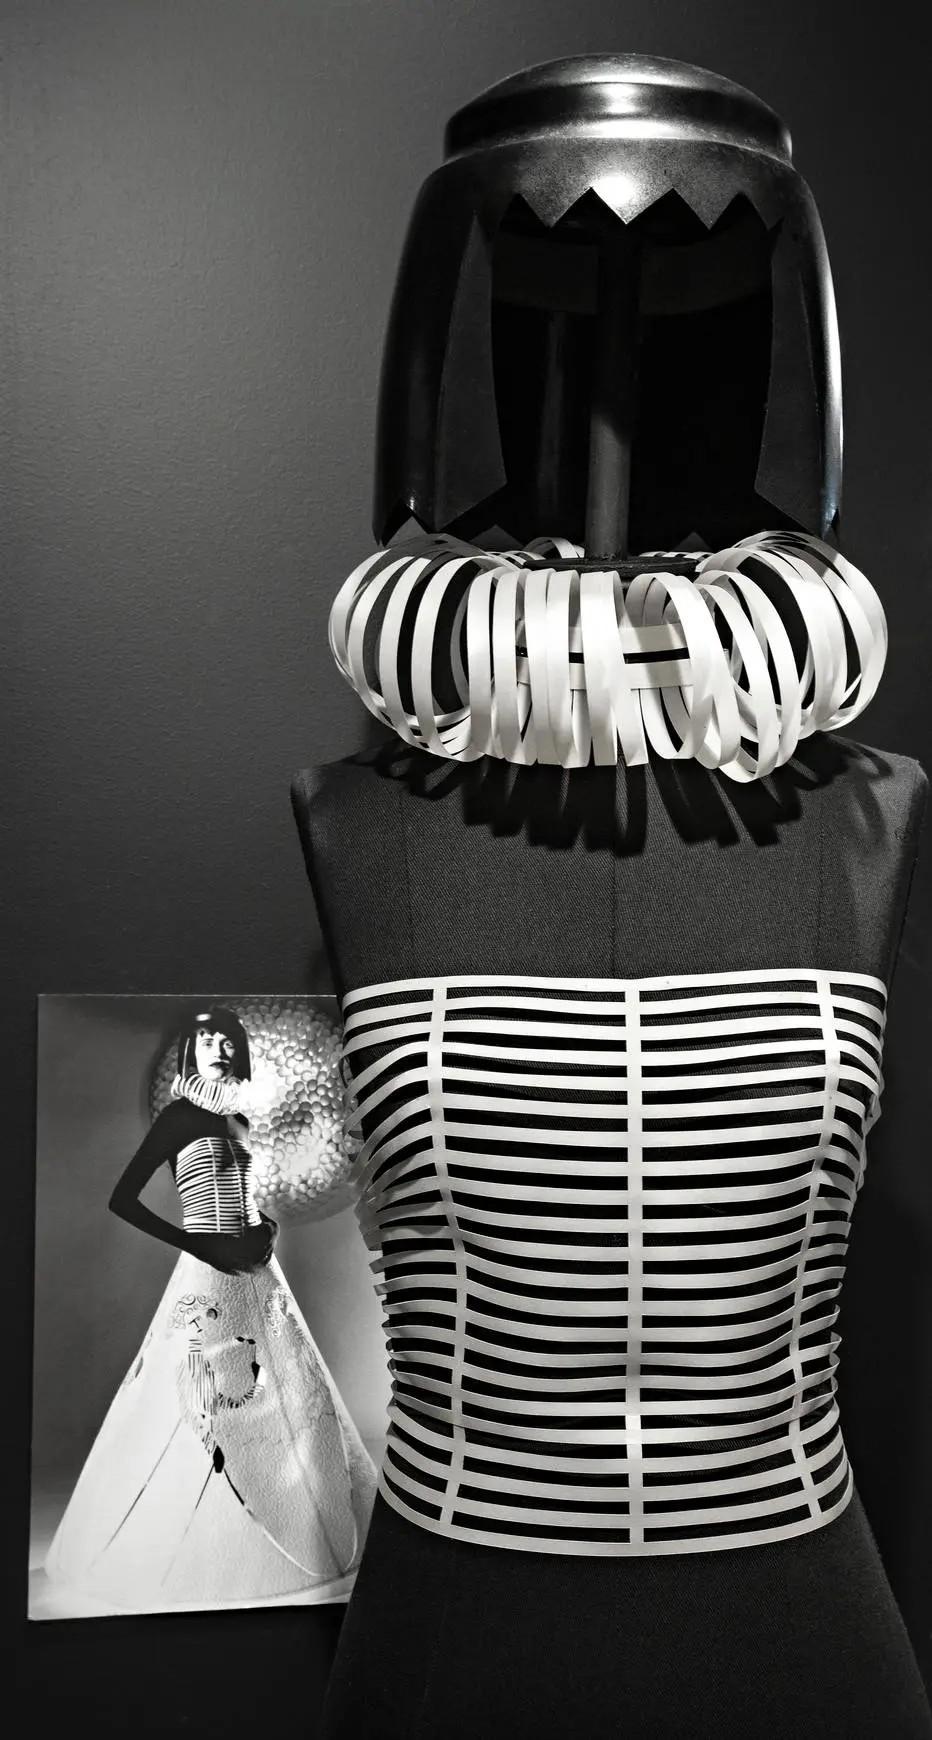 Corset da coleção A Costura do Invisível, de Jum Nakao (Foto: Fifi Tong/Divulgação)